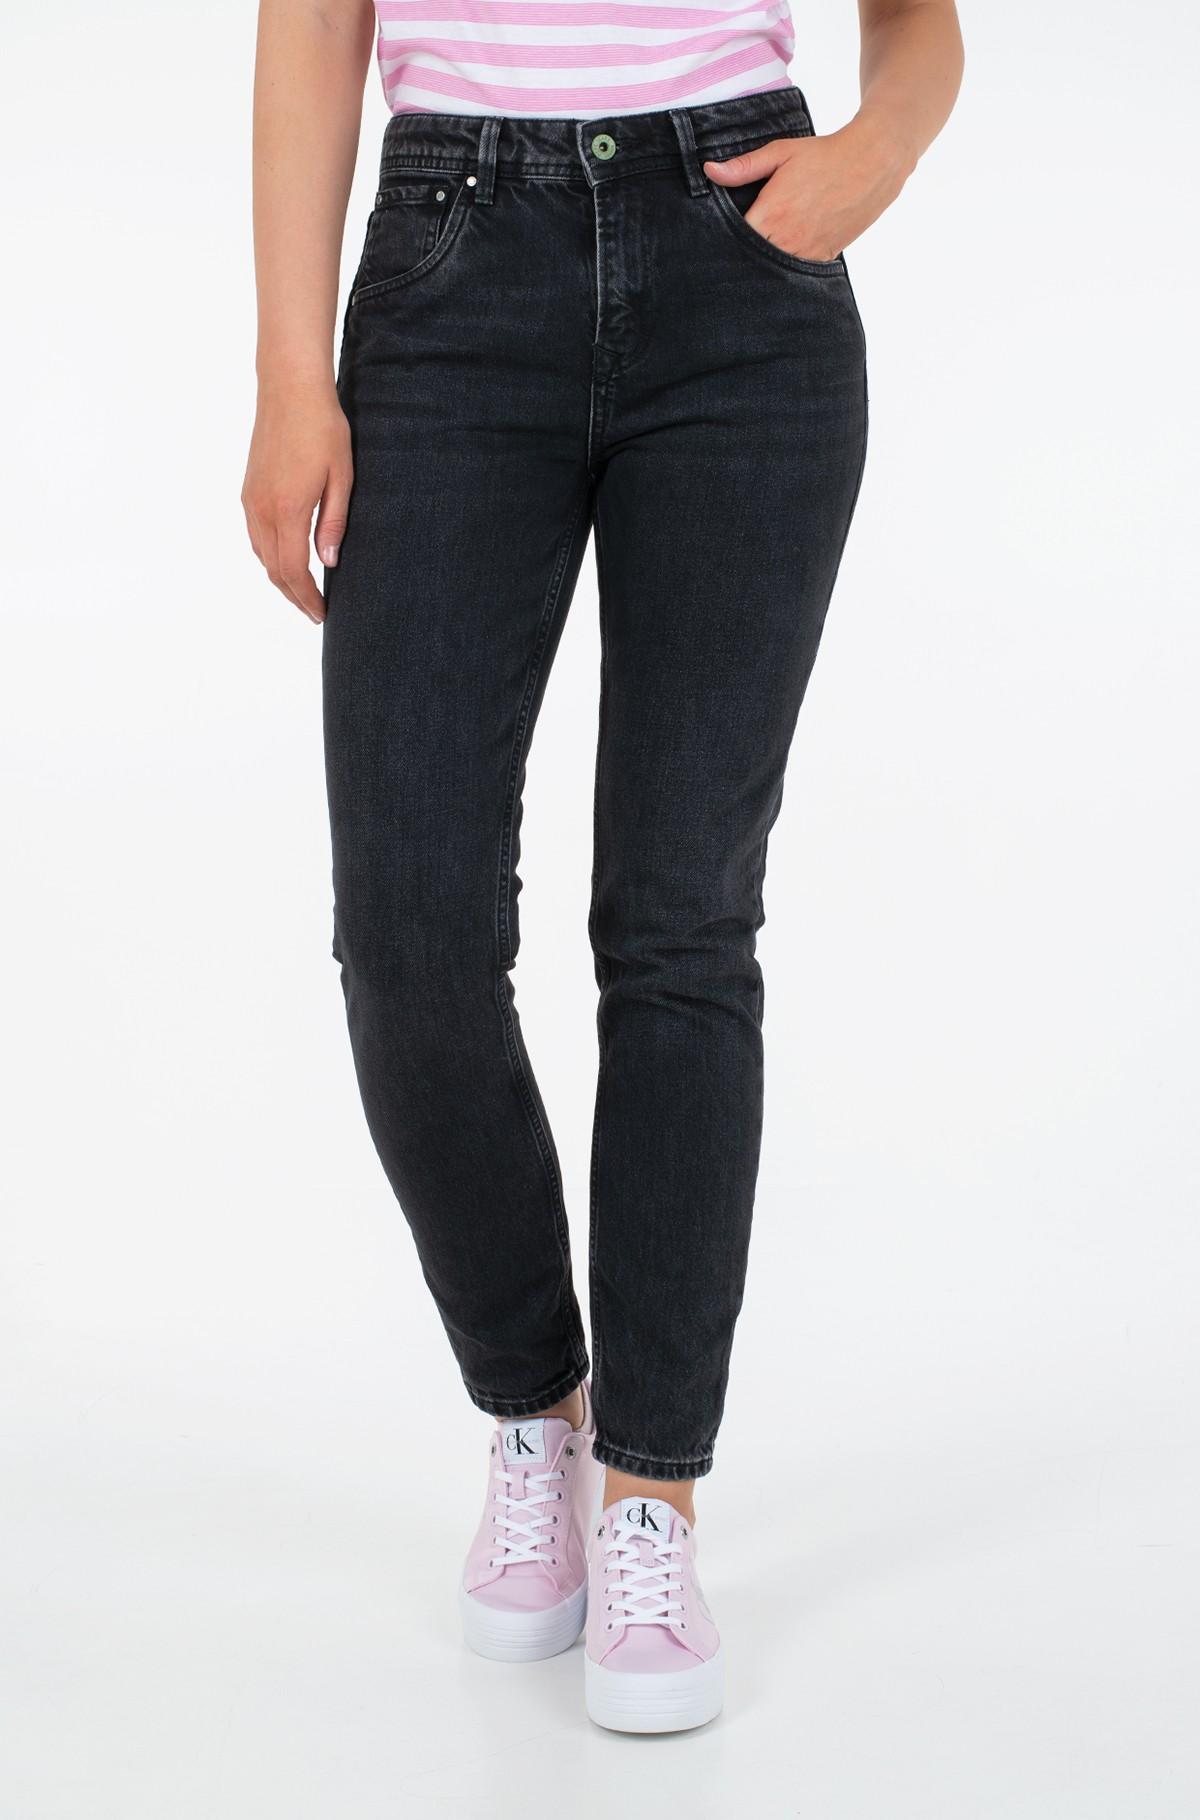 Jeans VIOLET/PL201742WM4-full-1